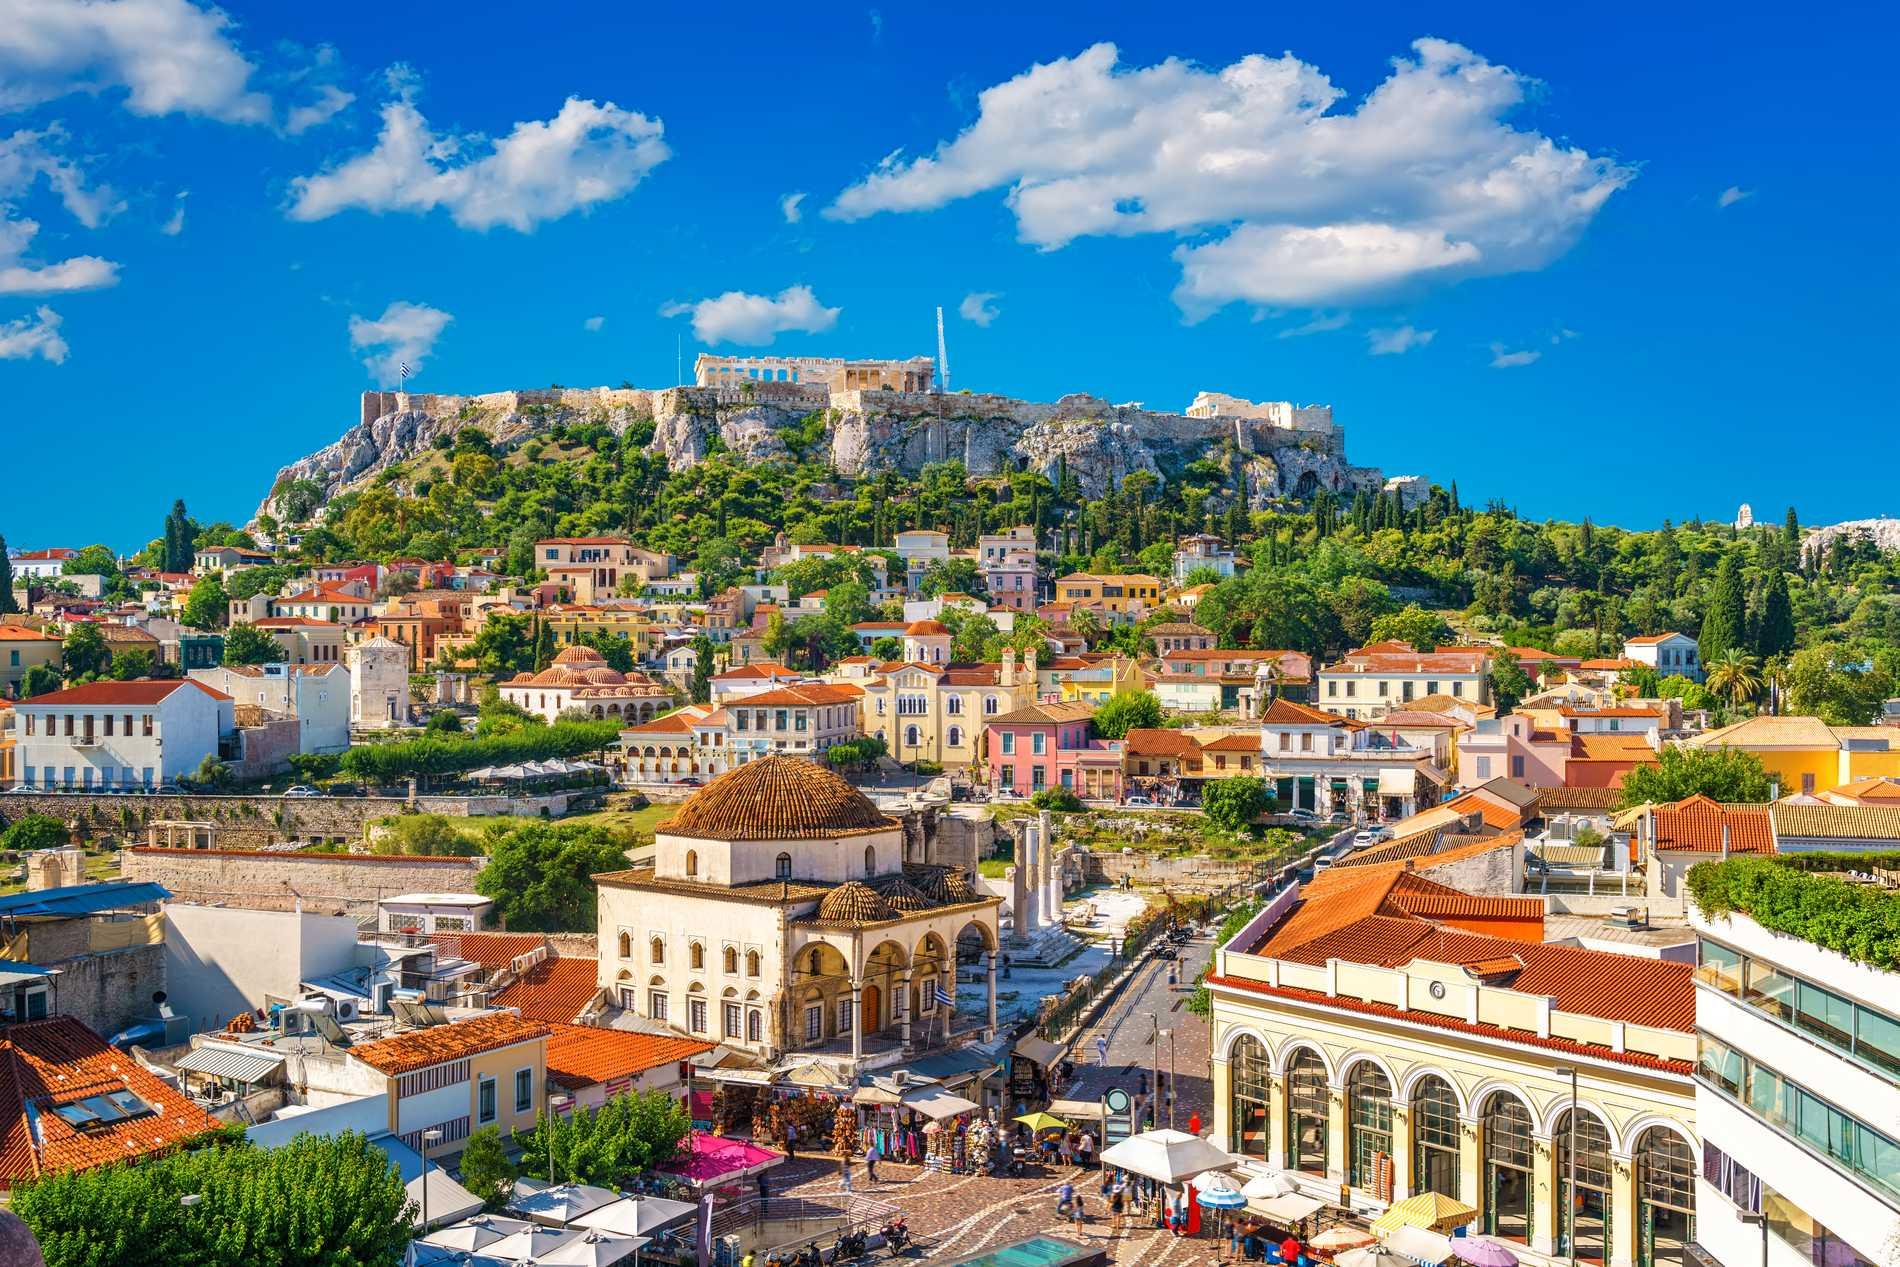 Vid torget Monastraki finns flera takterasser med utsikt över Akropolis.